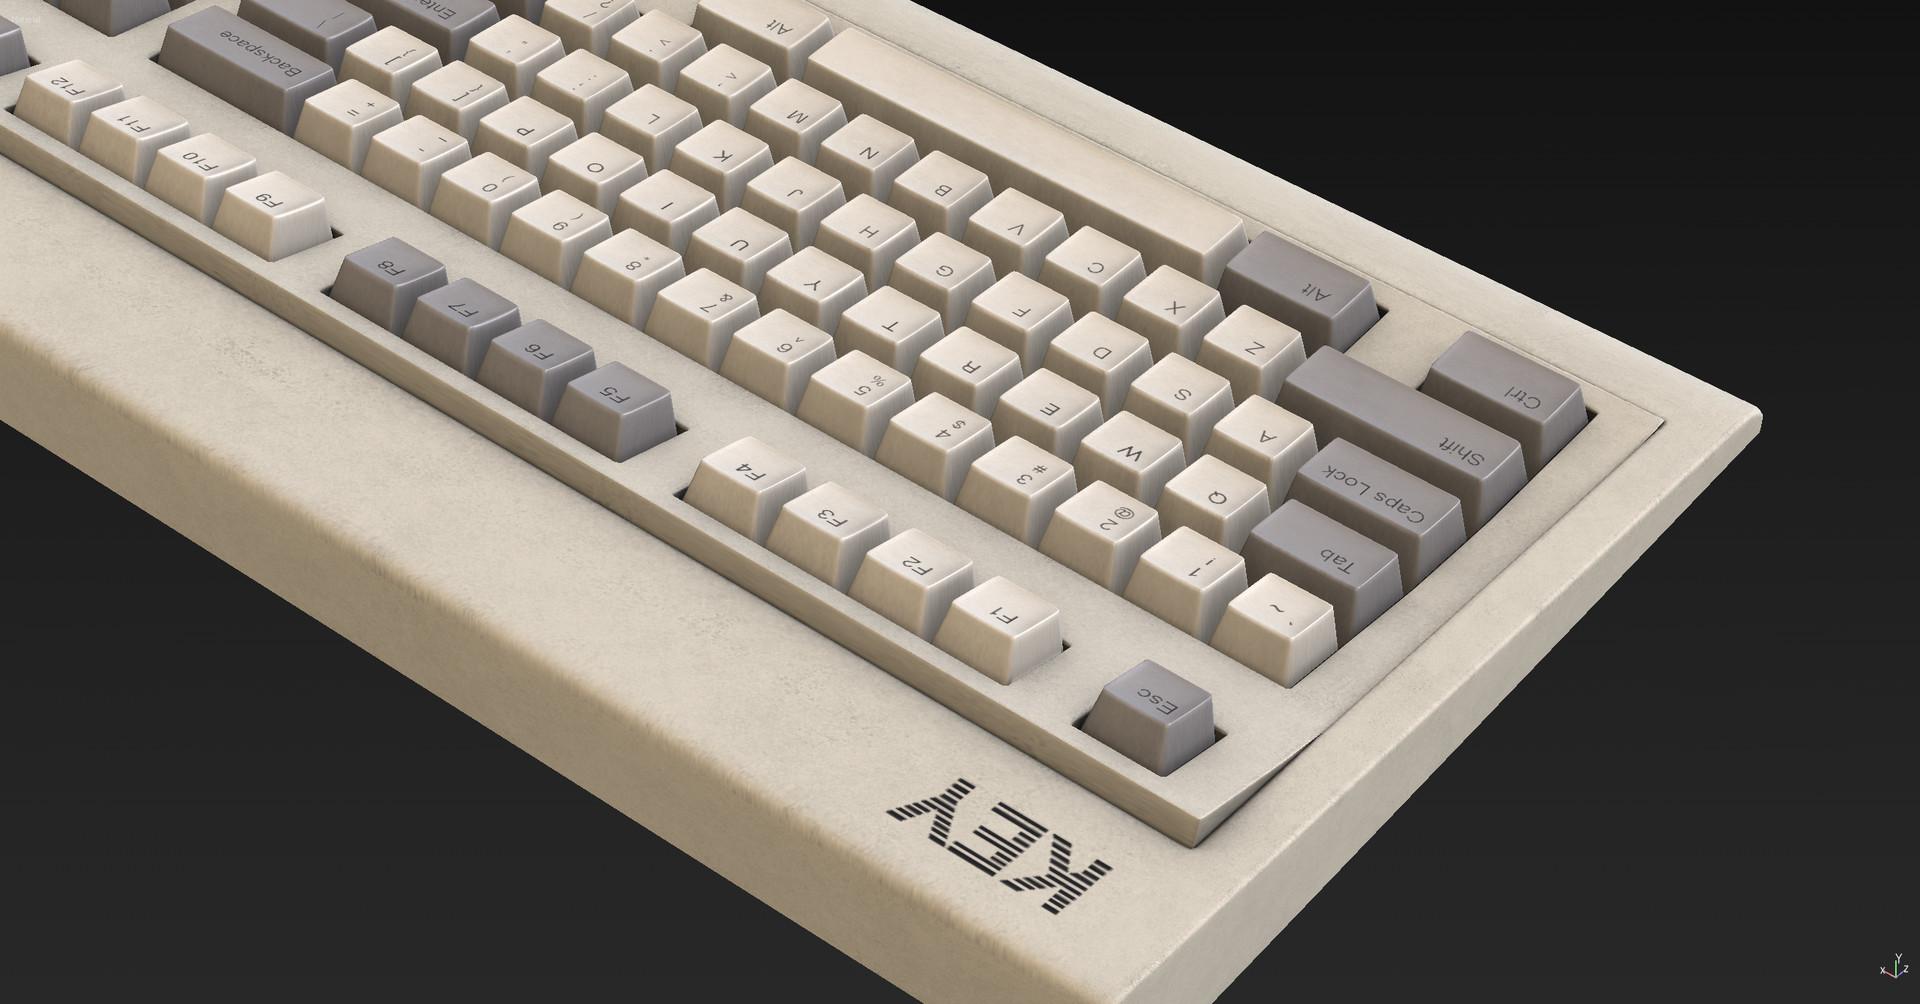 Matt young keyboard02